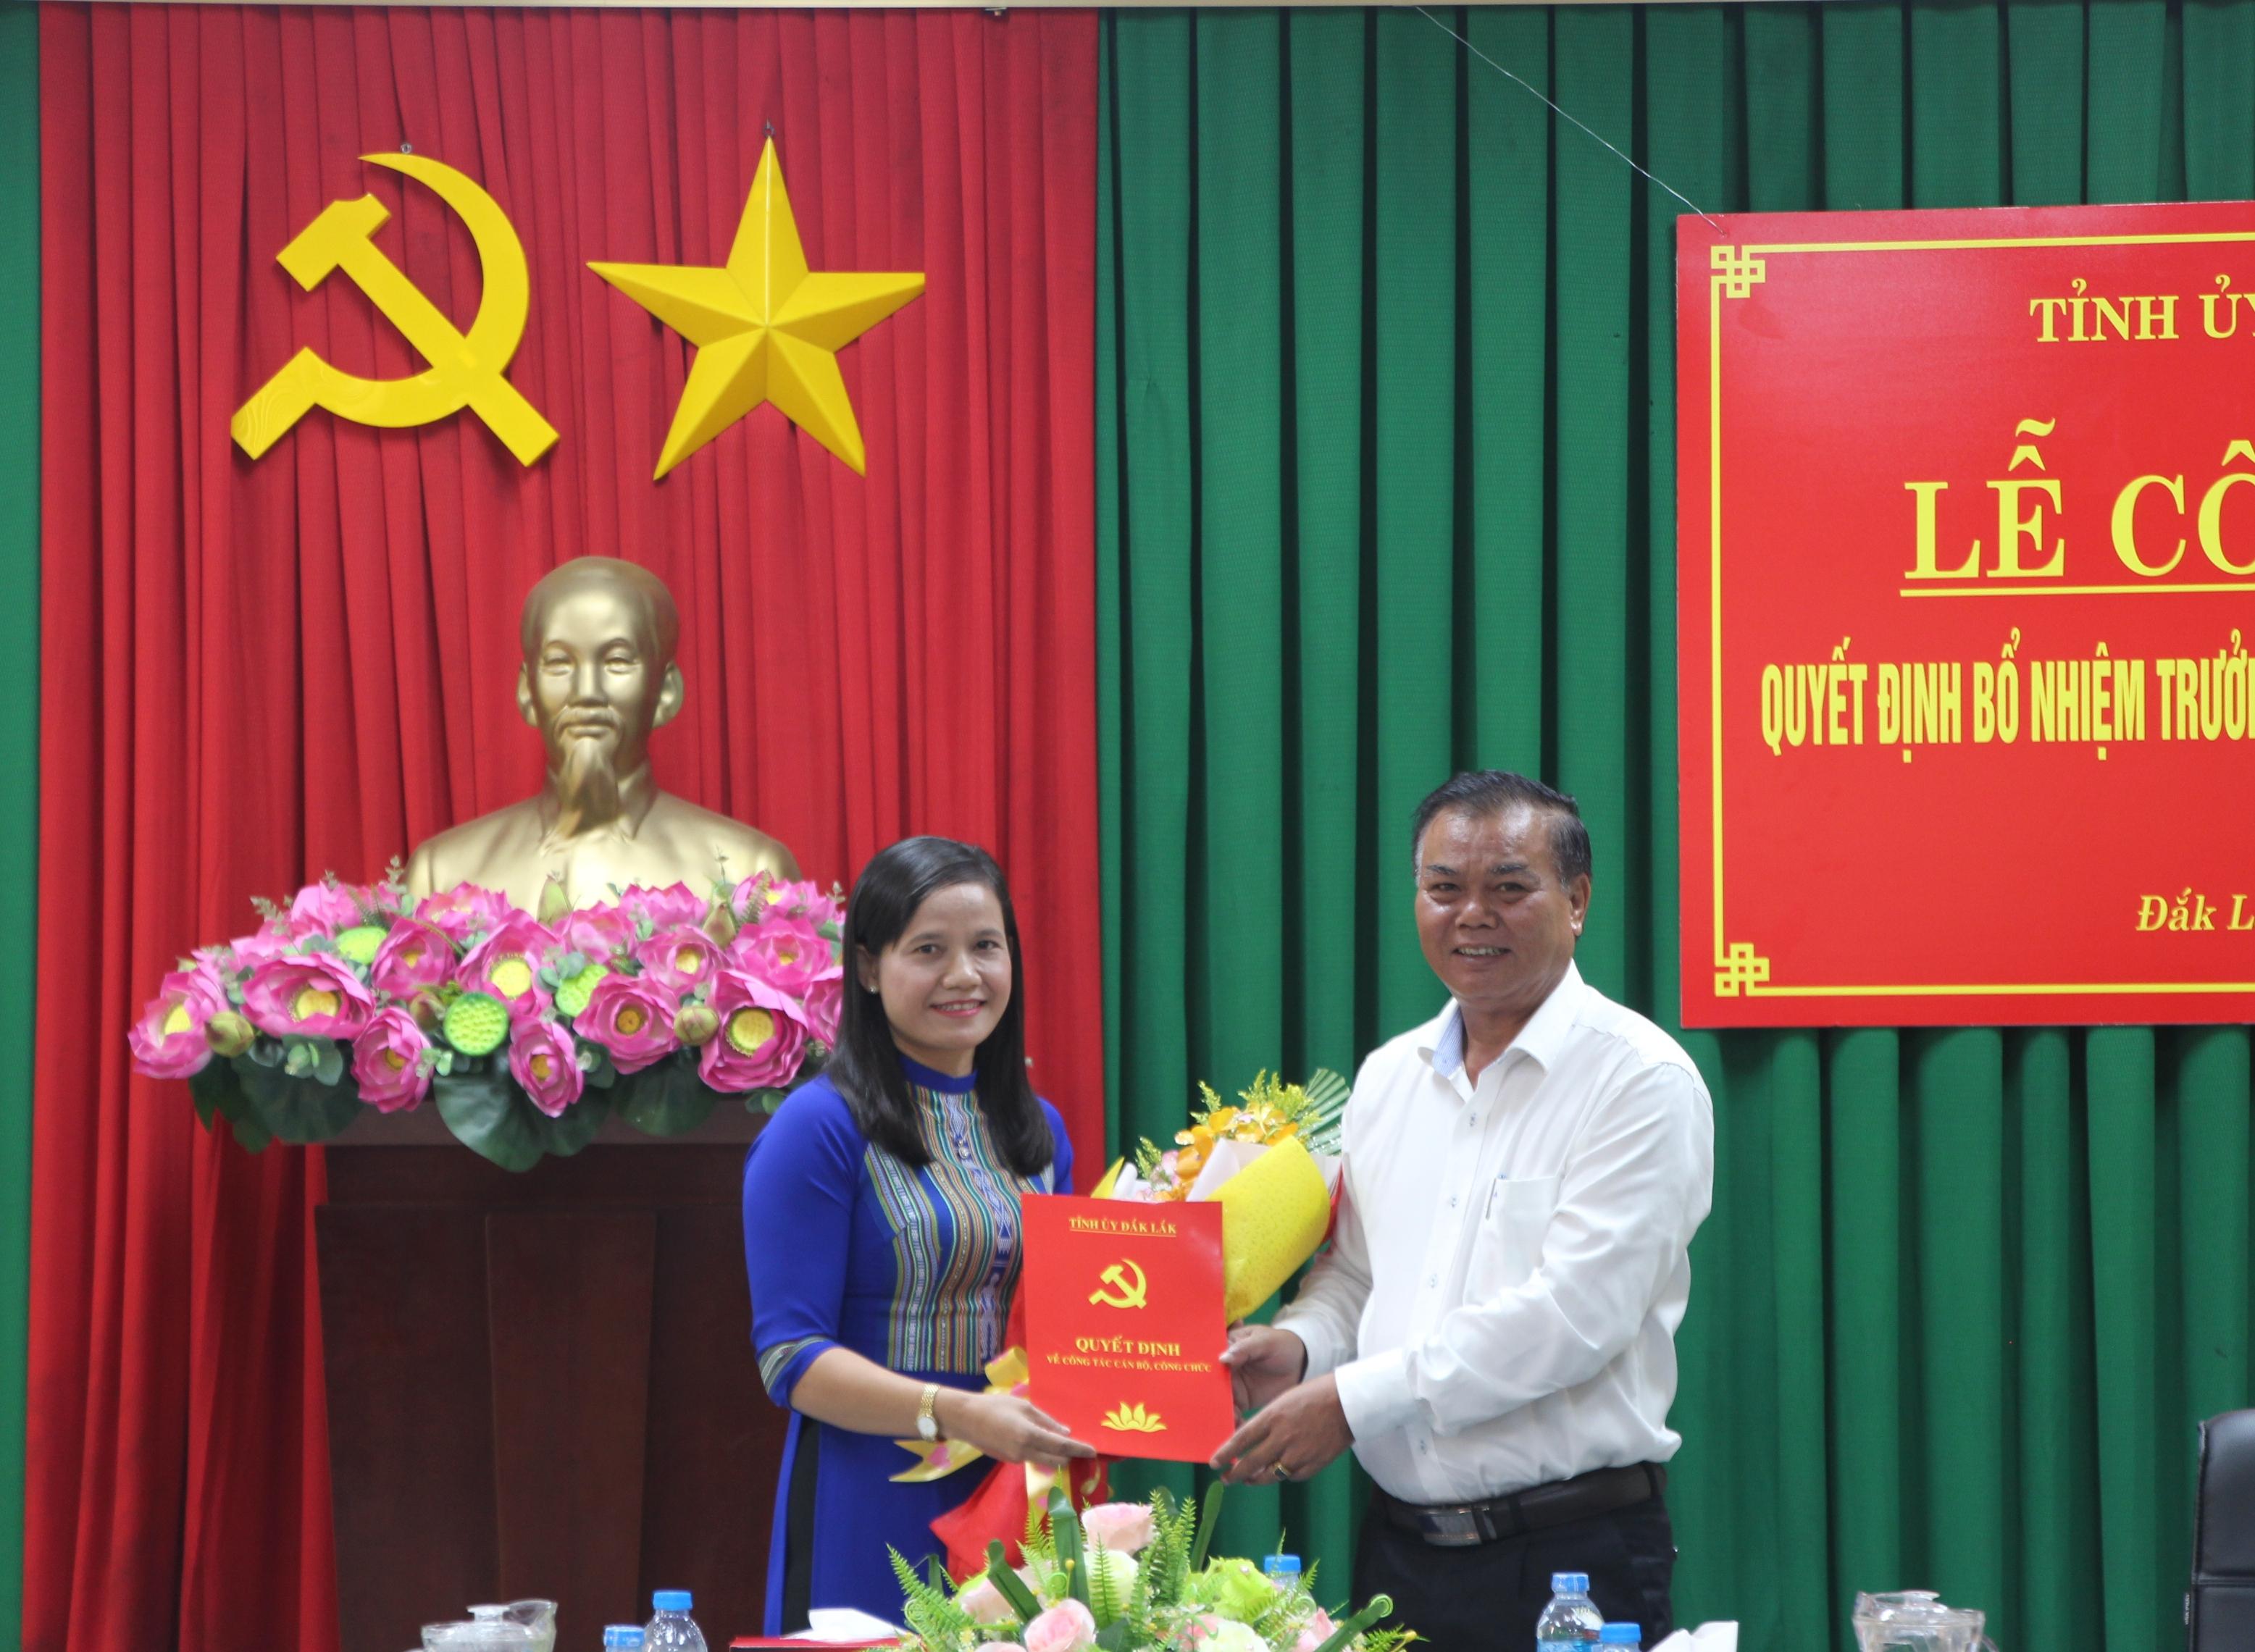 Bổ nhiệm Trưởng Ban Tổ chức Tỉnh ủy Đắk Lắk